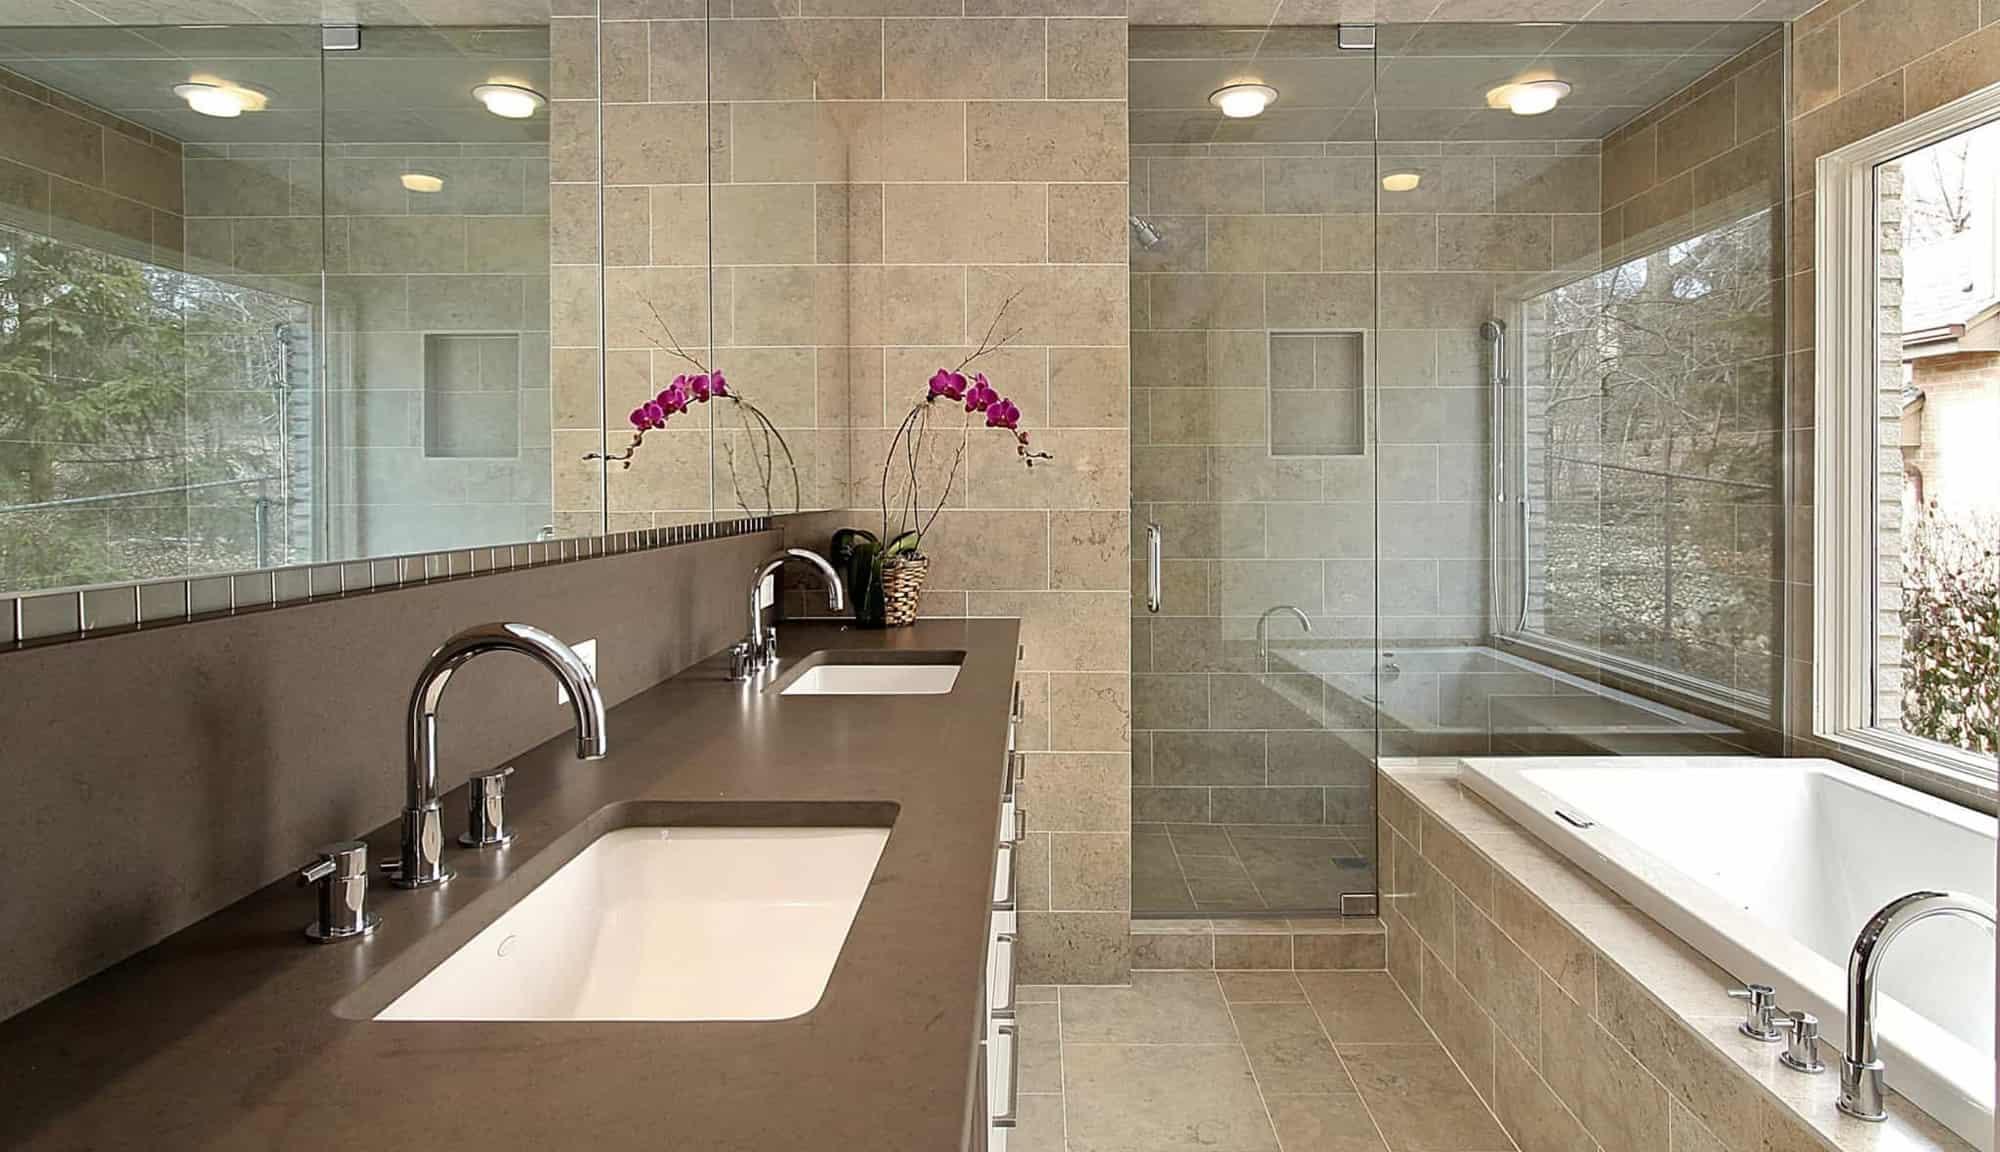 Bathroom remodel by FGS in Colorado